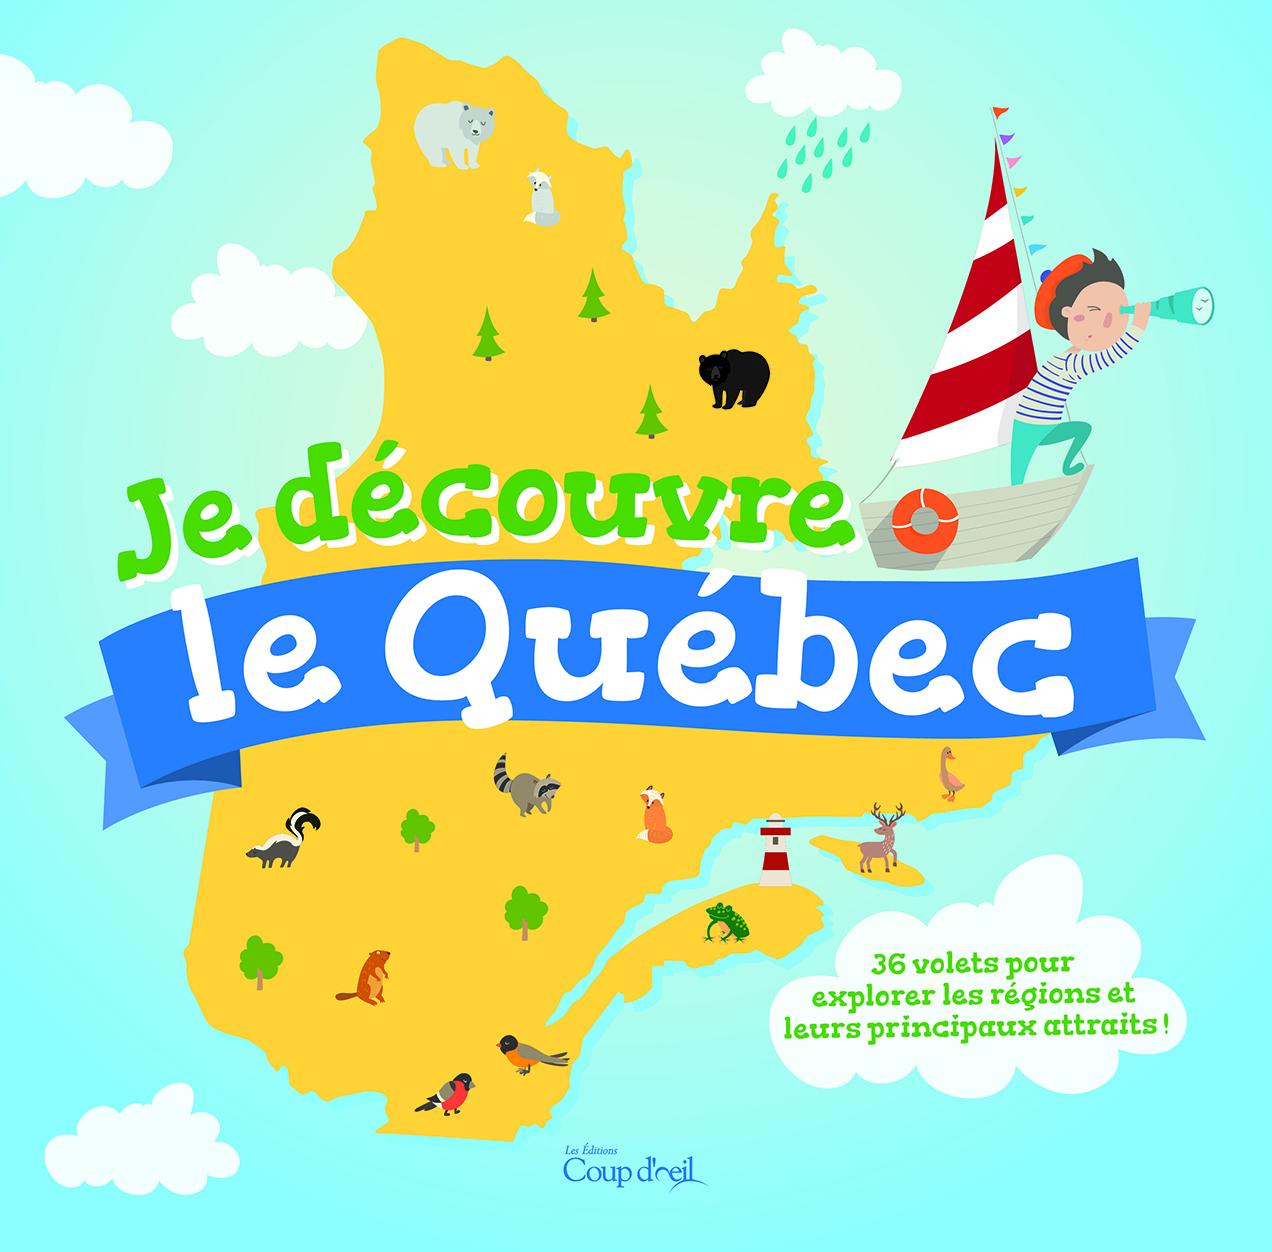 Je découvre le Québec : 36 volets pour explorer les régions et leurs principaux attraits!